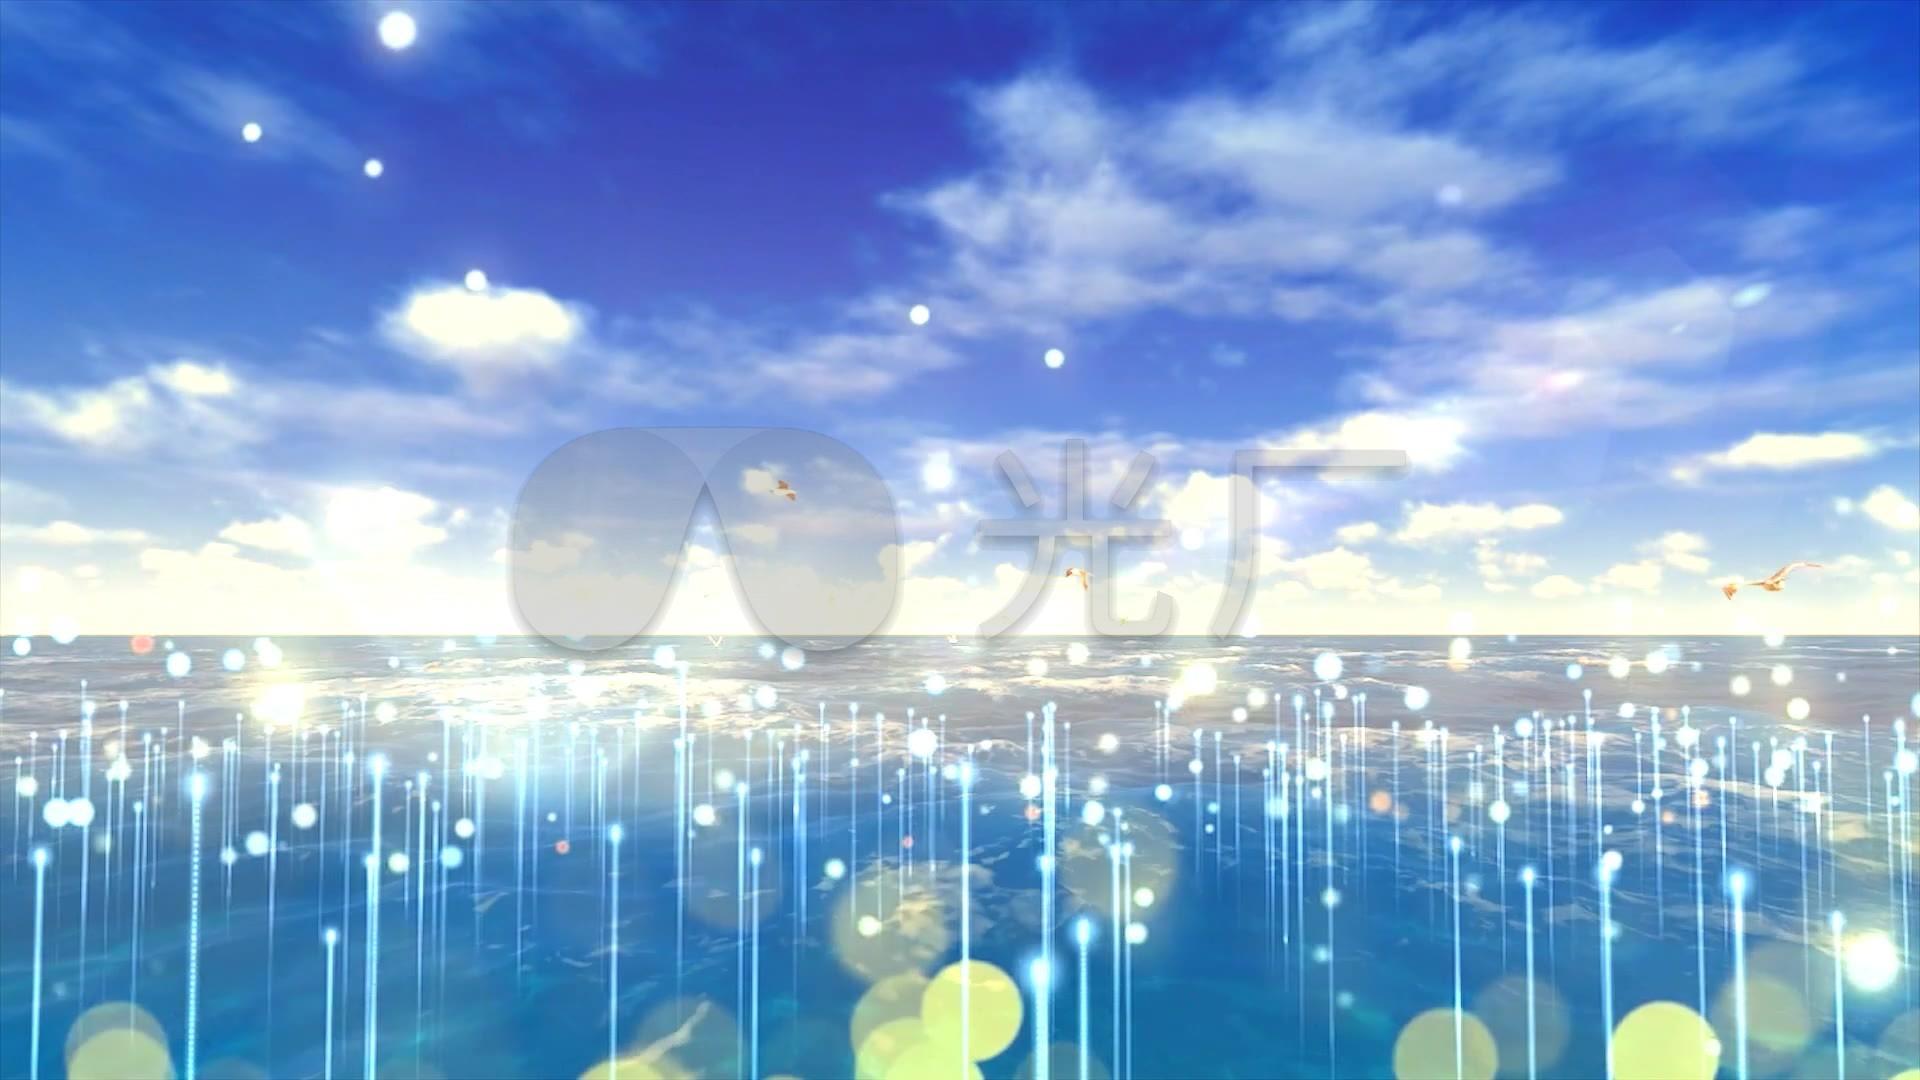 歌曲《我和我的祖国》_1920X1080_高清视频